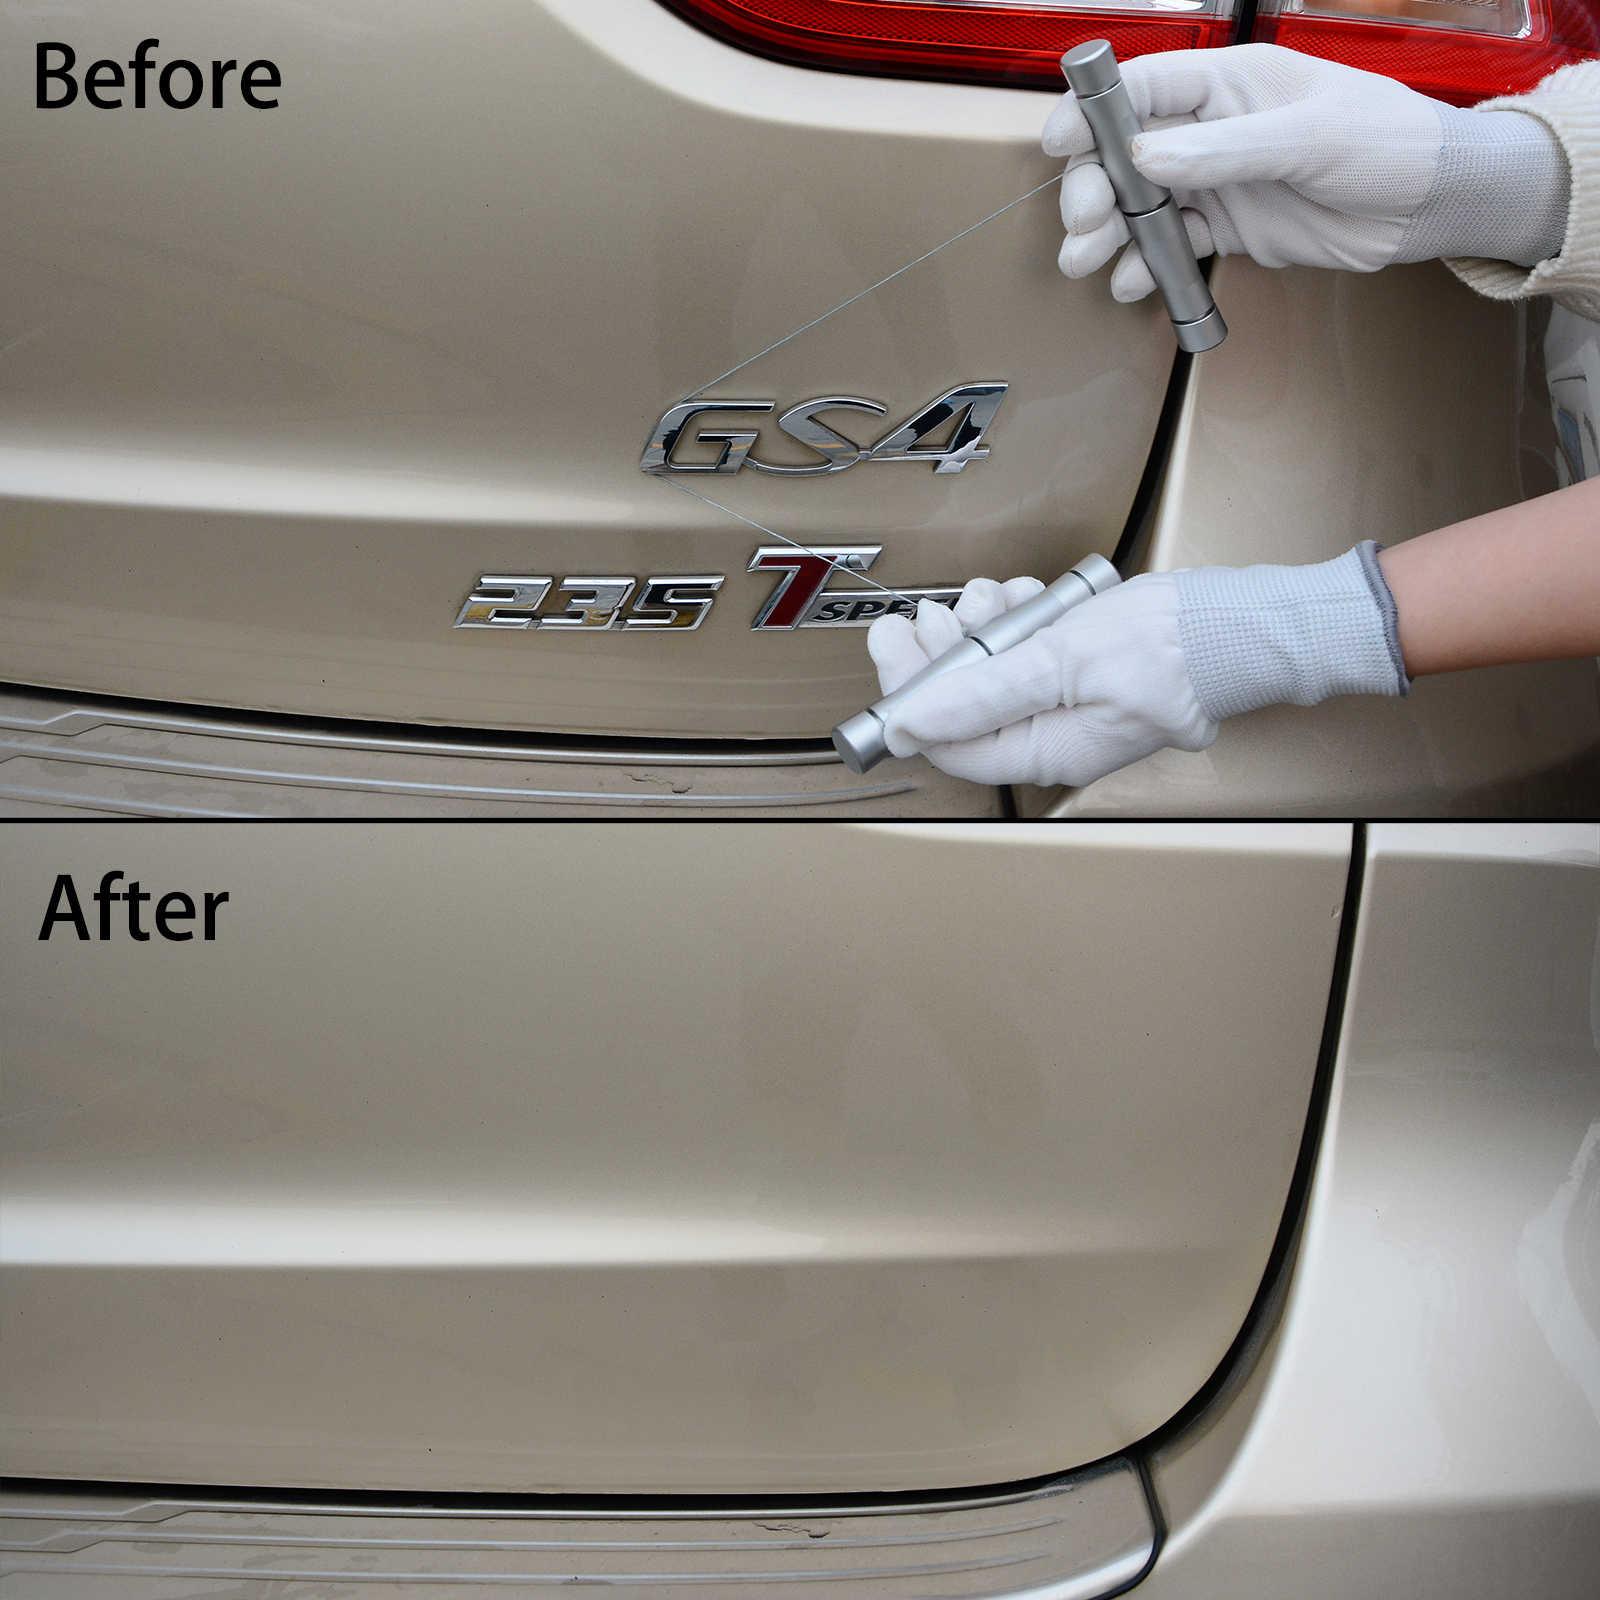 FOSHIO, herramienta para quitar el logotipo de la superficie del coche, cuerpo del vehículo, señal, quitar la cinta metálica sin cuchillo, envoltura de vinílico automático, herramienta de limpieza